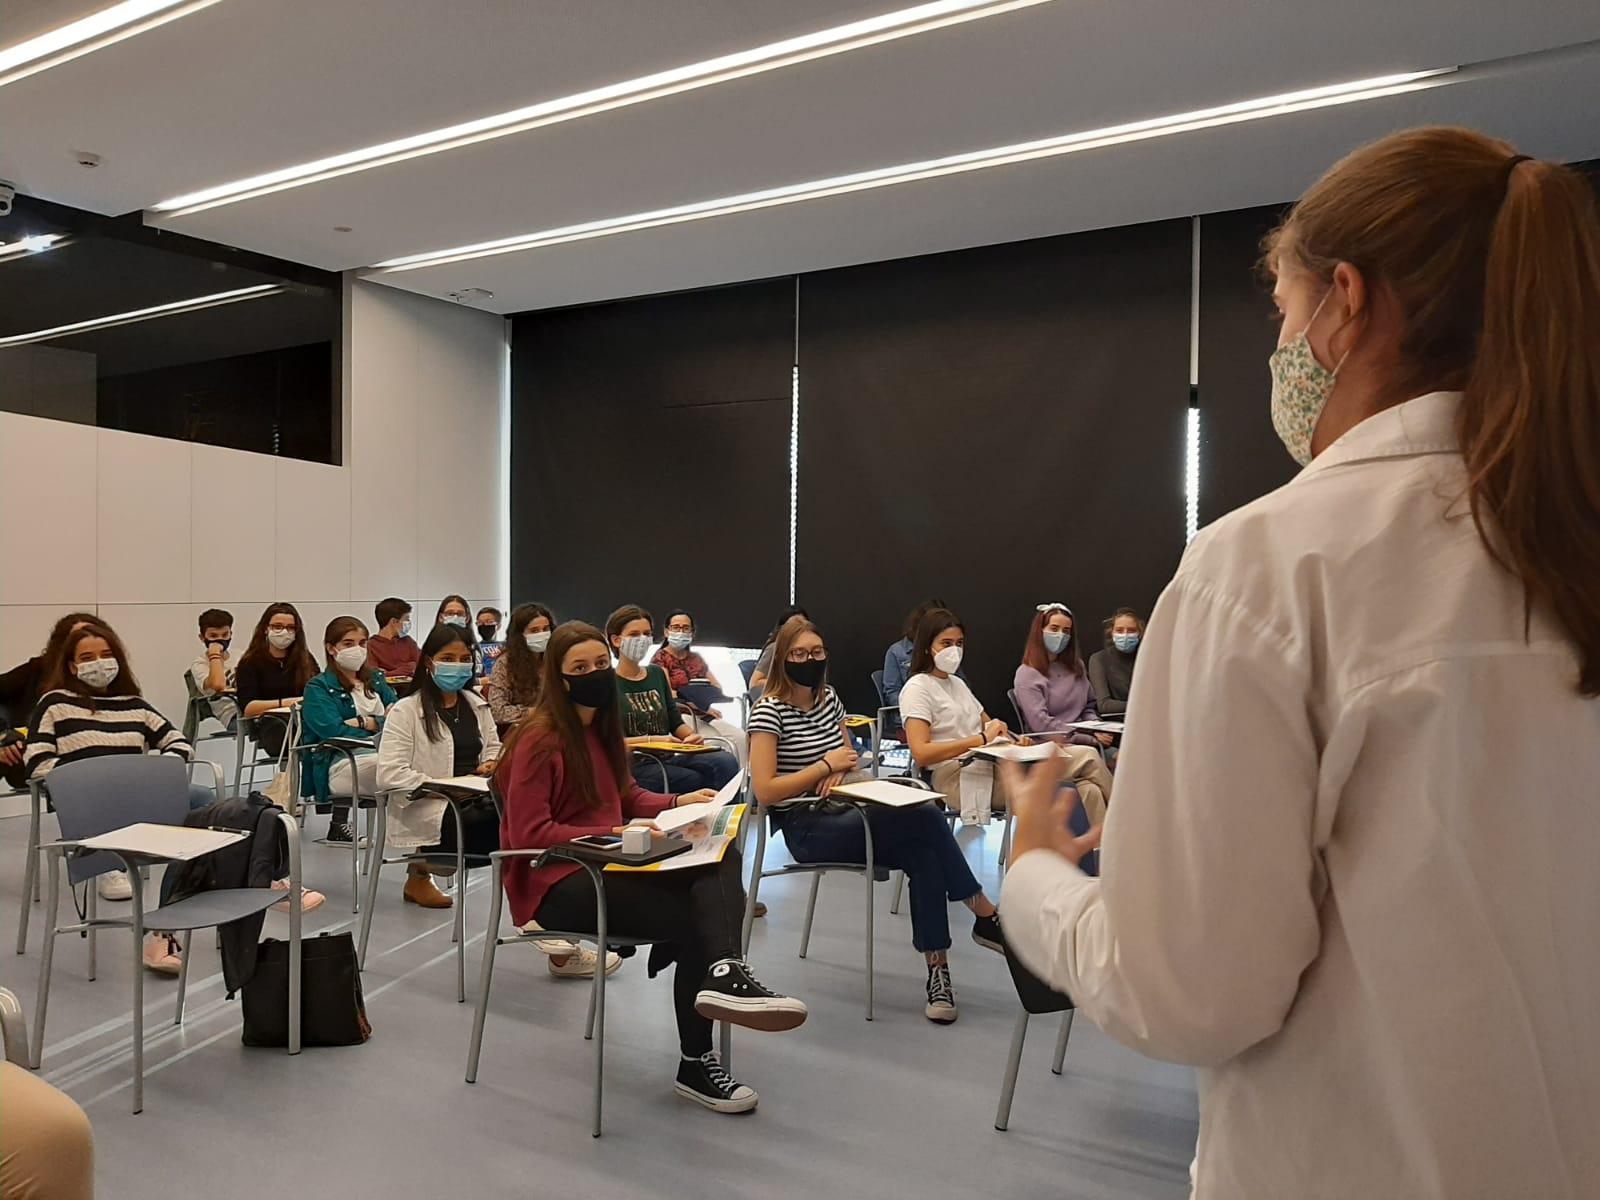 – NADIESOLO ZGZ 2020 – Jornada de voluntariado  para jóvenes